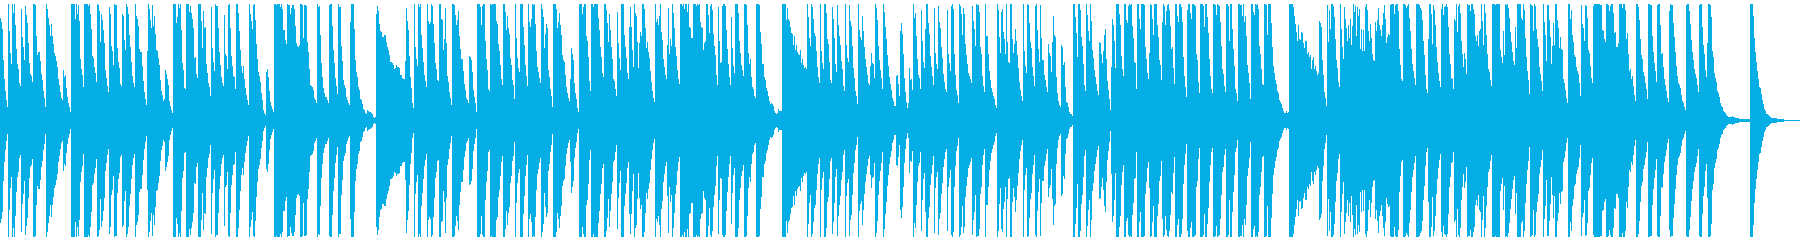 ベルとピアノの楽しく軽快なラグタイム風の再生済みの波形